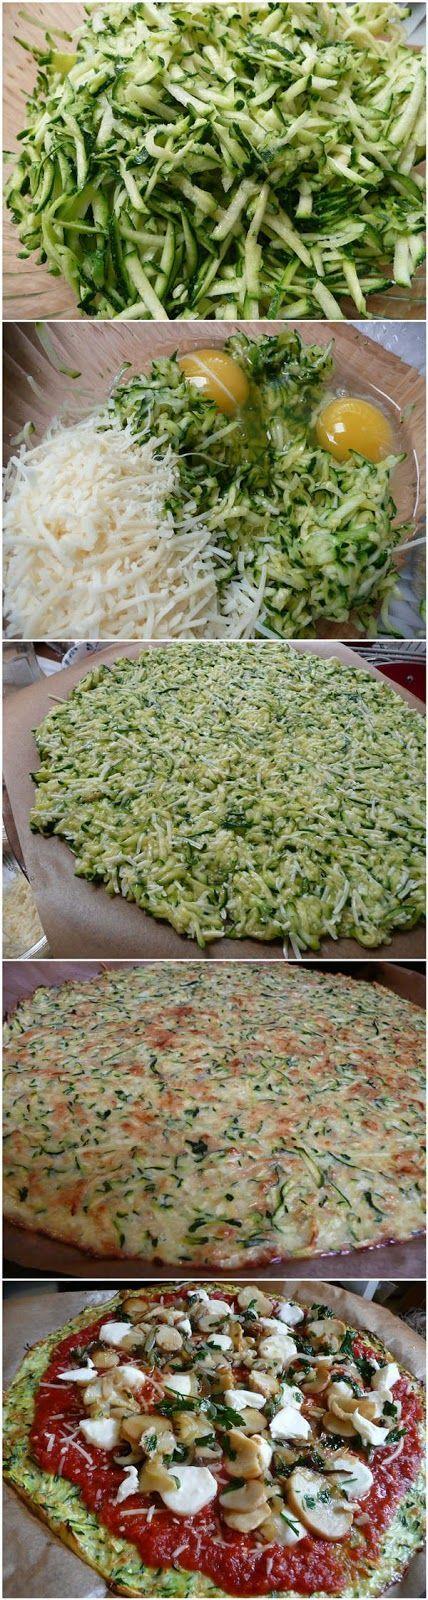 Zucchini Crust Pizza or cauliflower crust